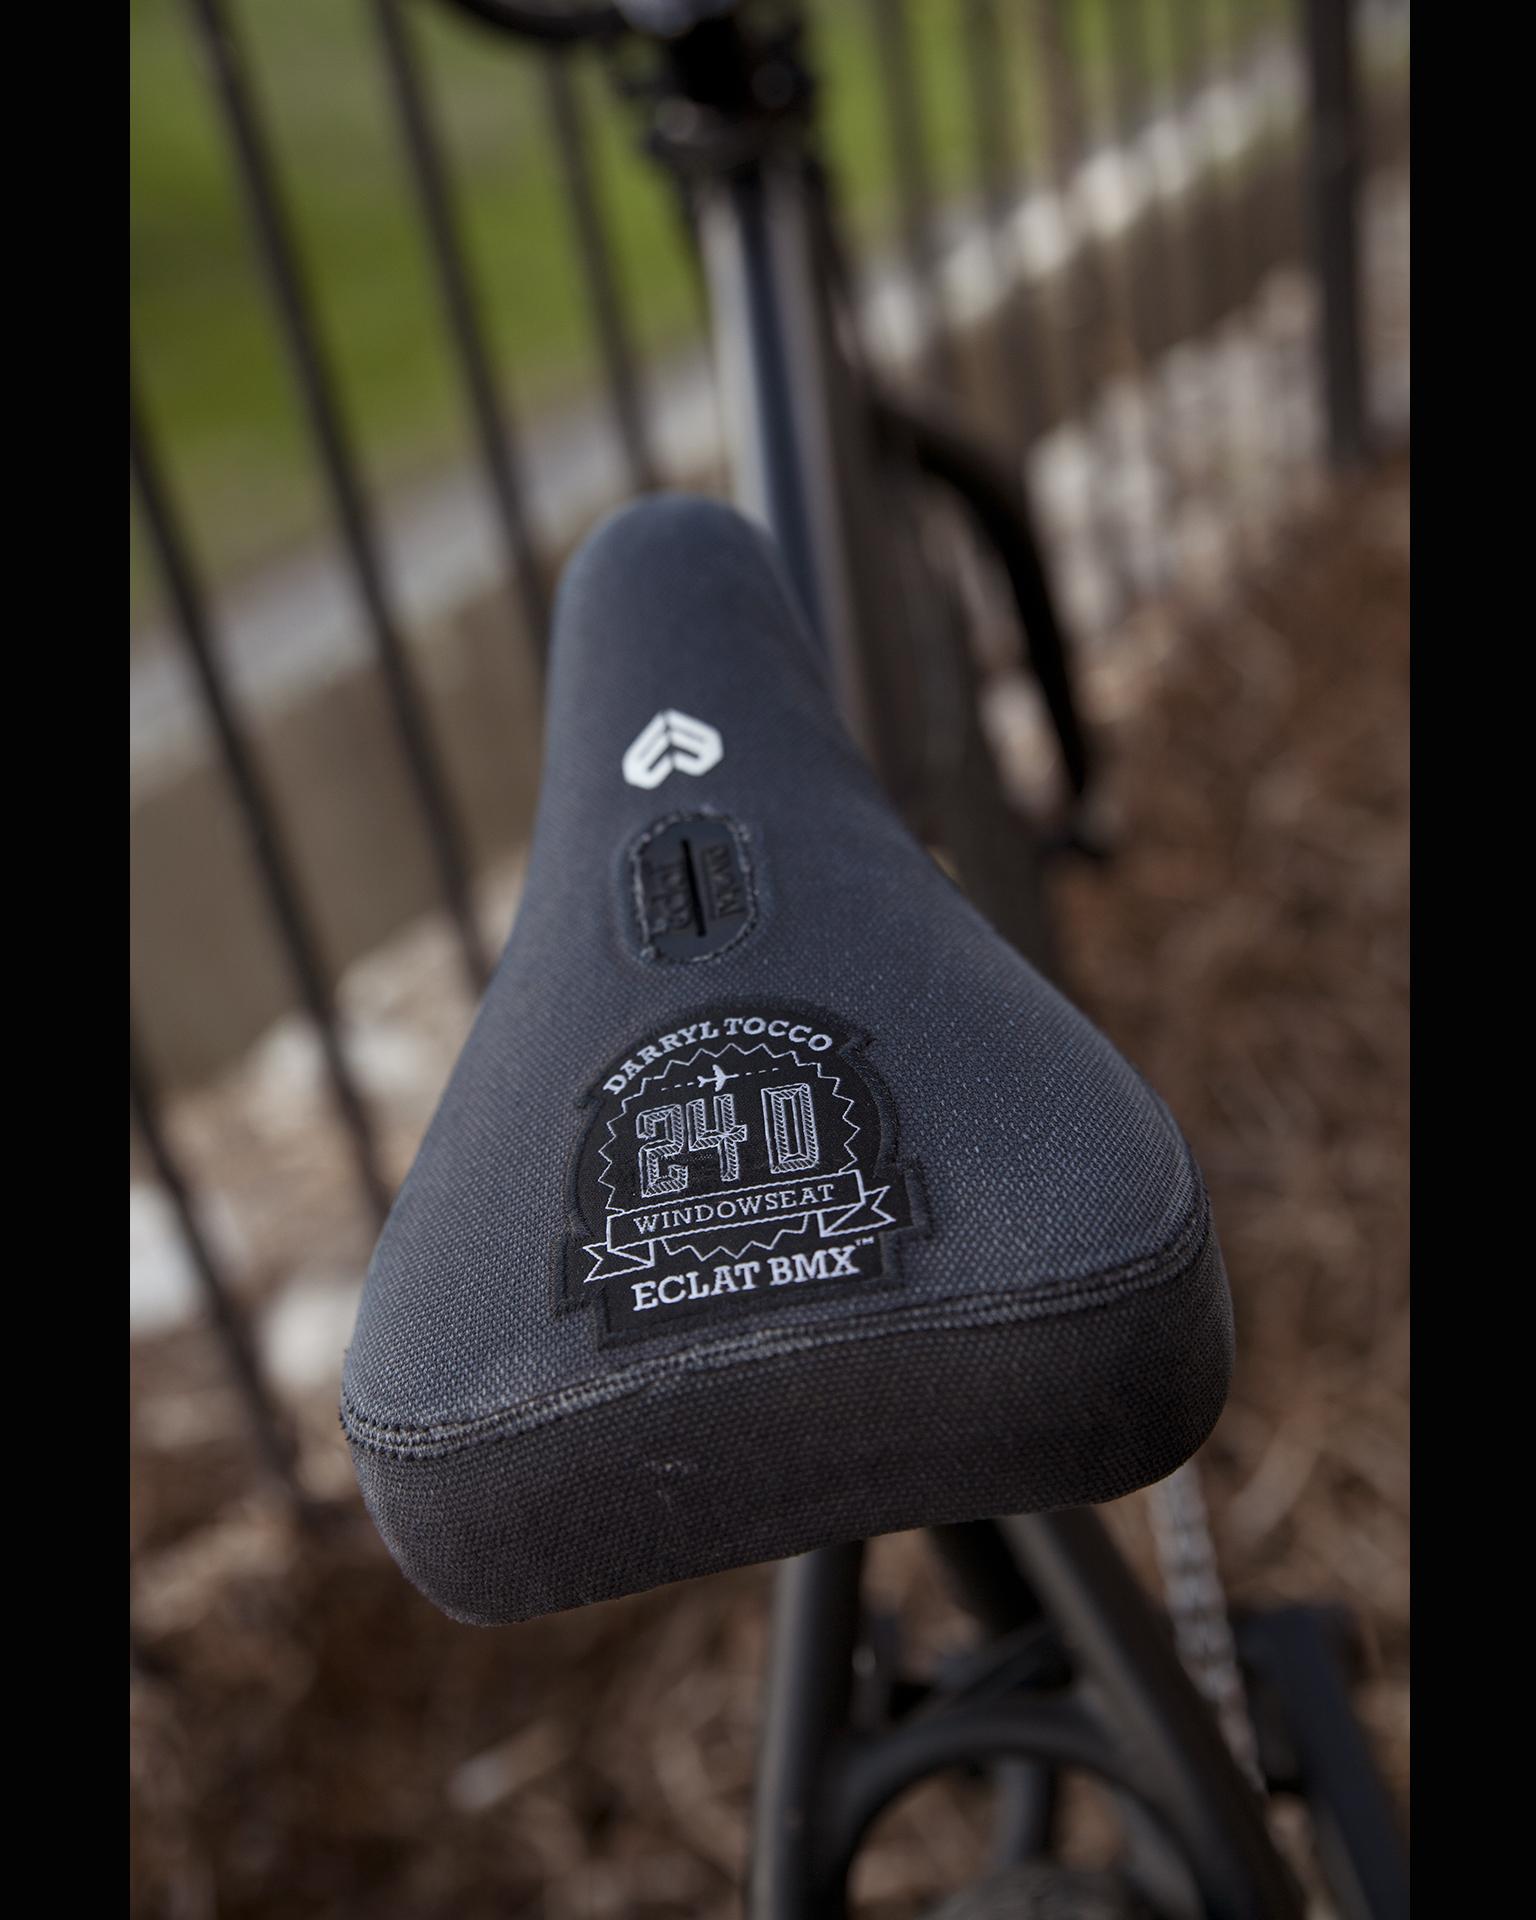 Signature clat seat